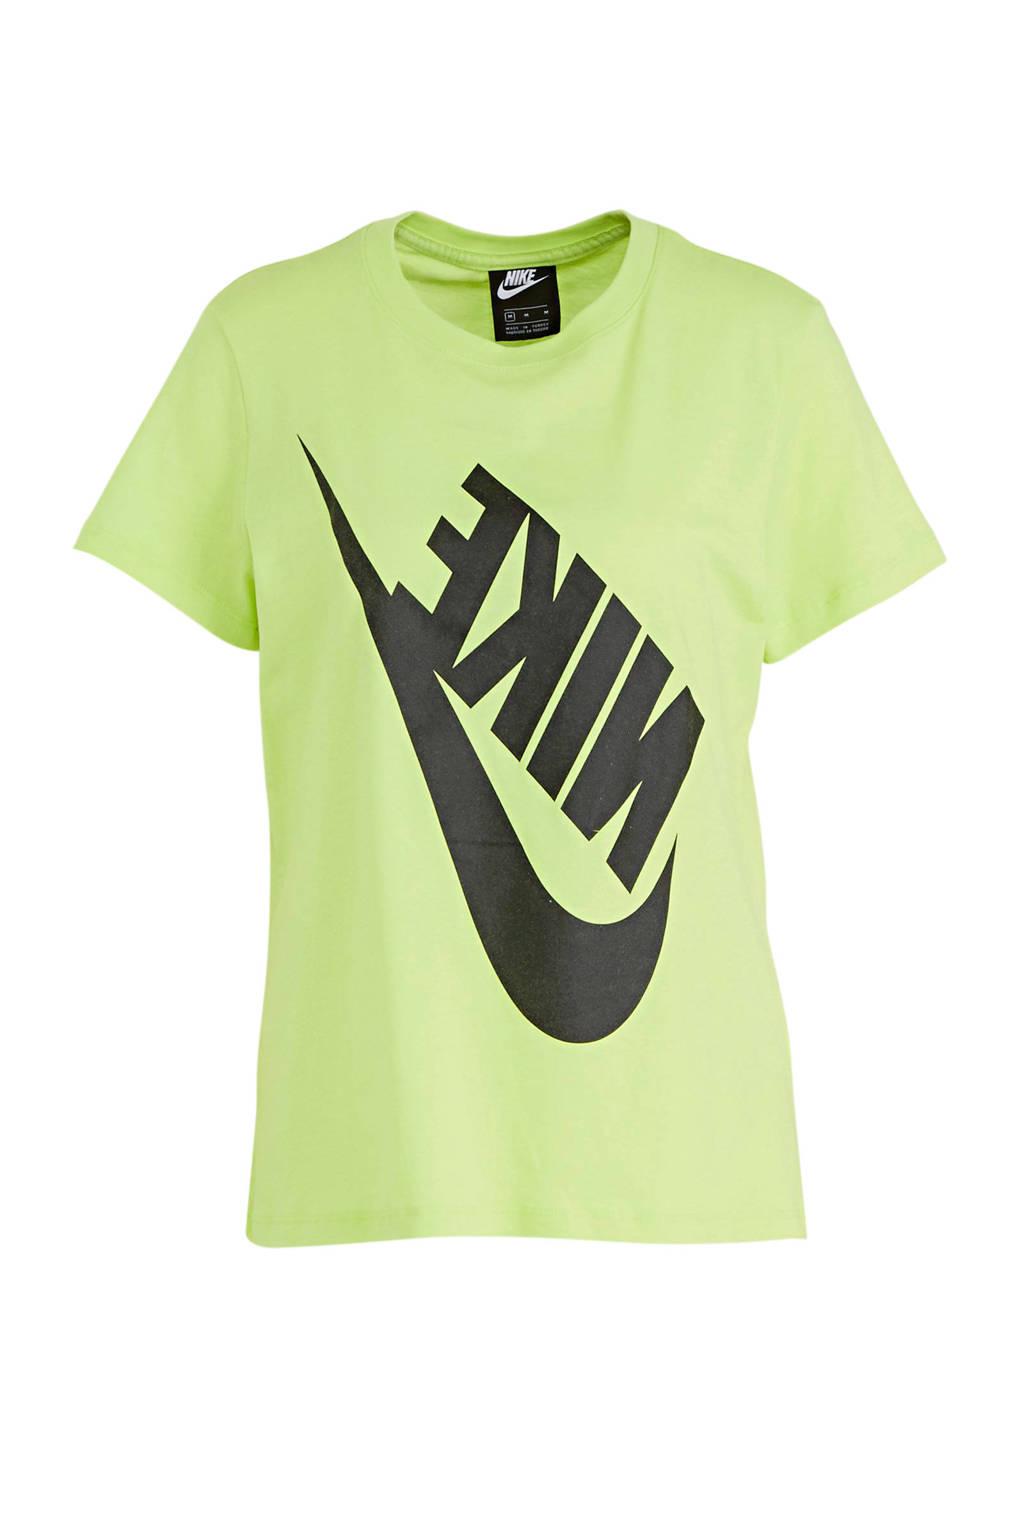 Nike T-shirt limegroen/zwart, Limegroen/zwart